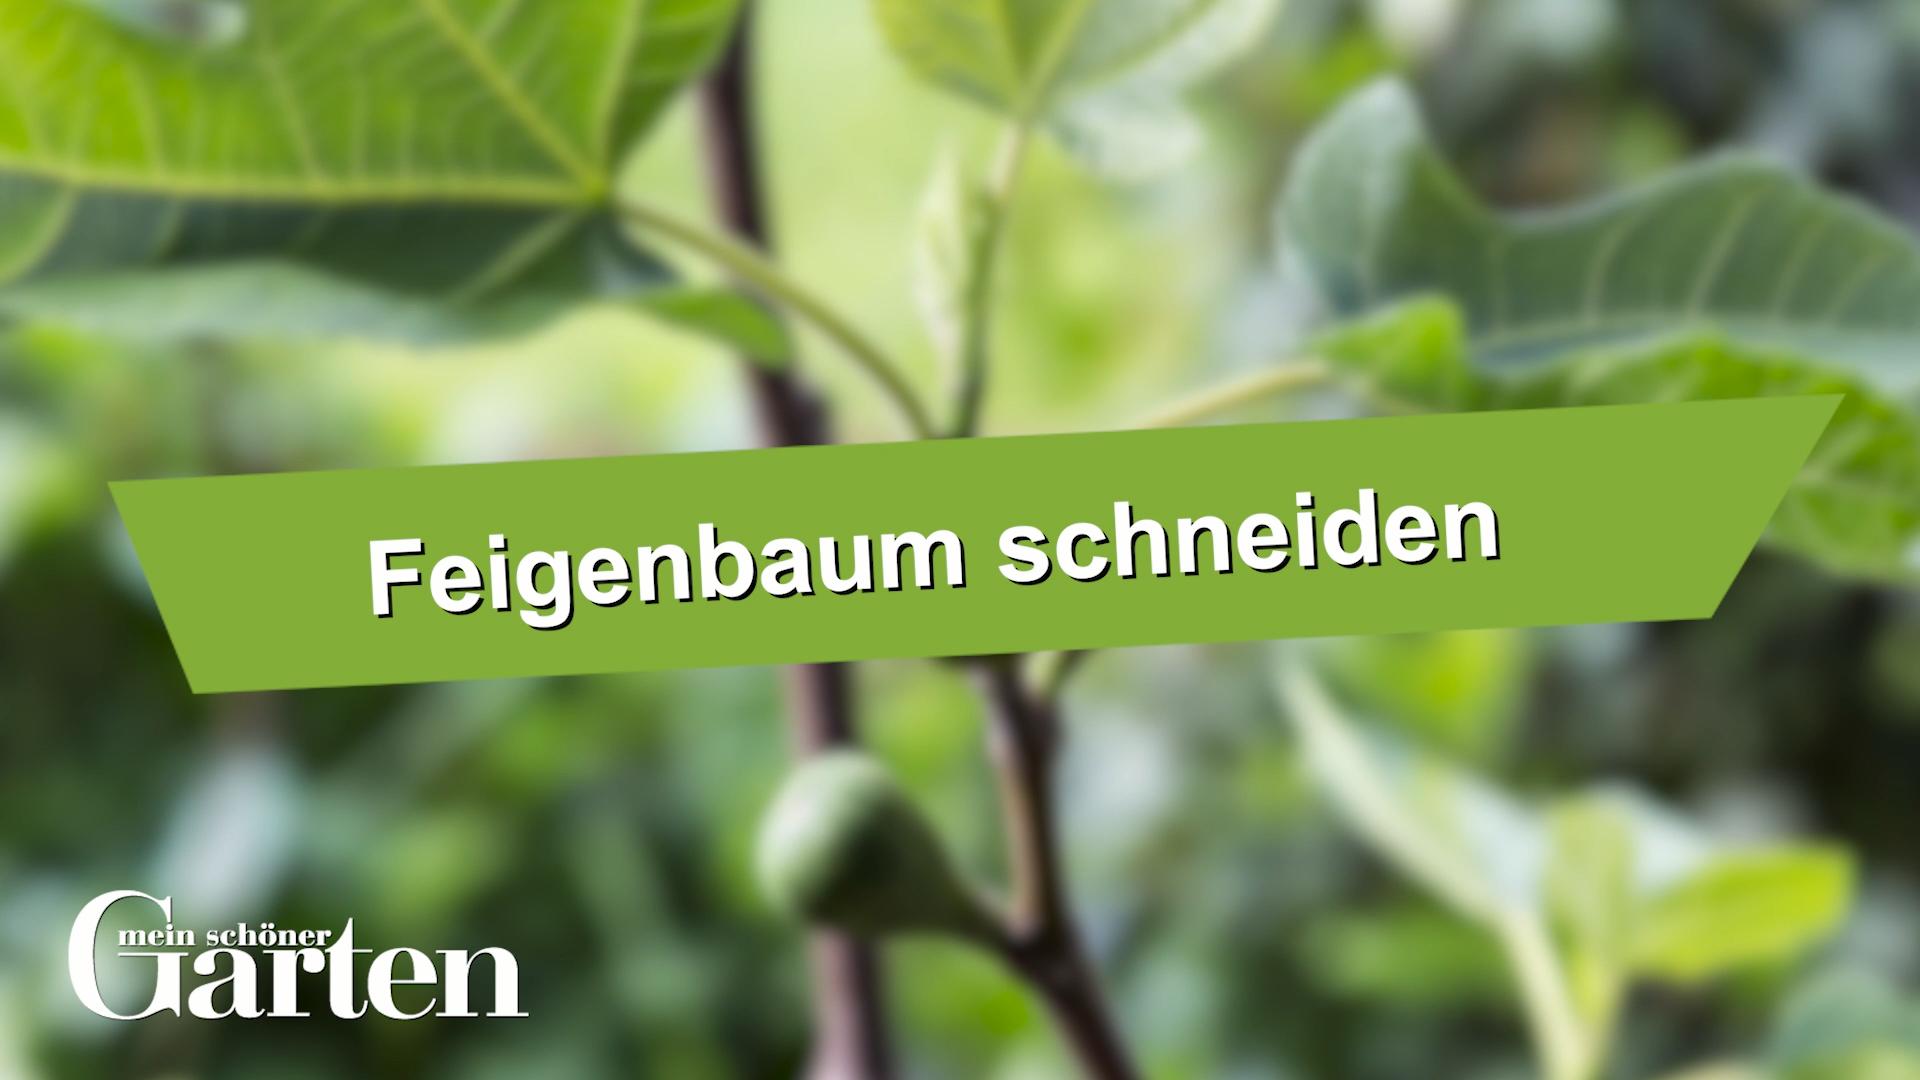 Feigenbaum Schneiden So Machen Es Die Profis Video Video Feigenbaum Feigen Garden Types